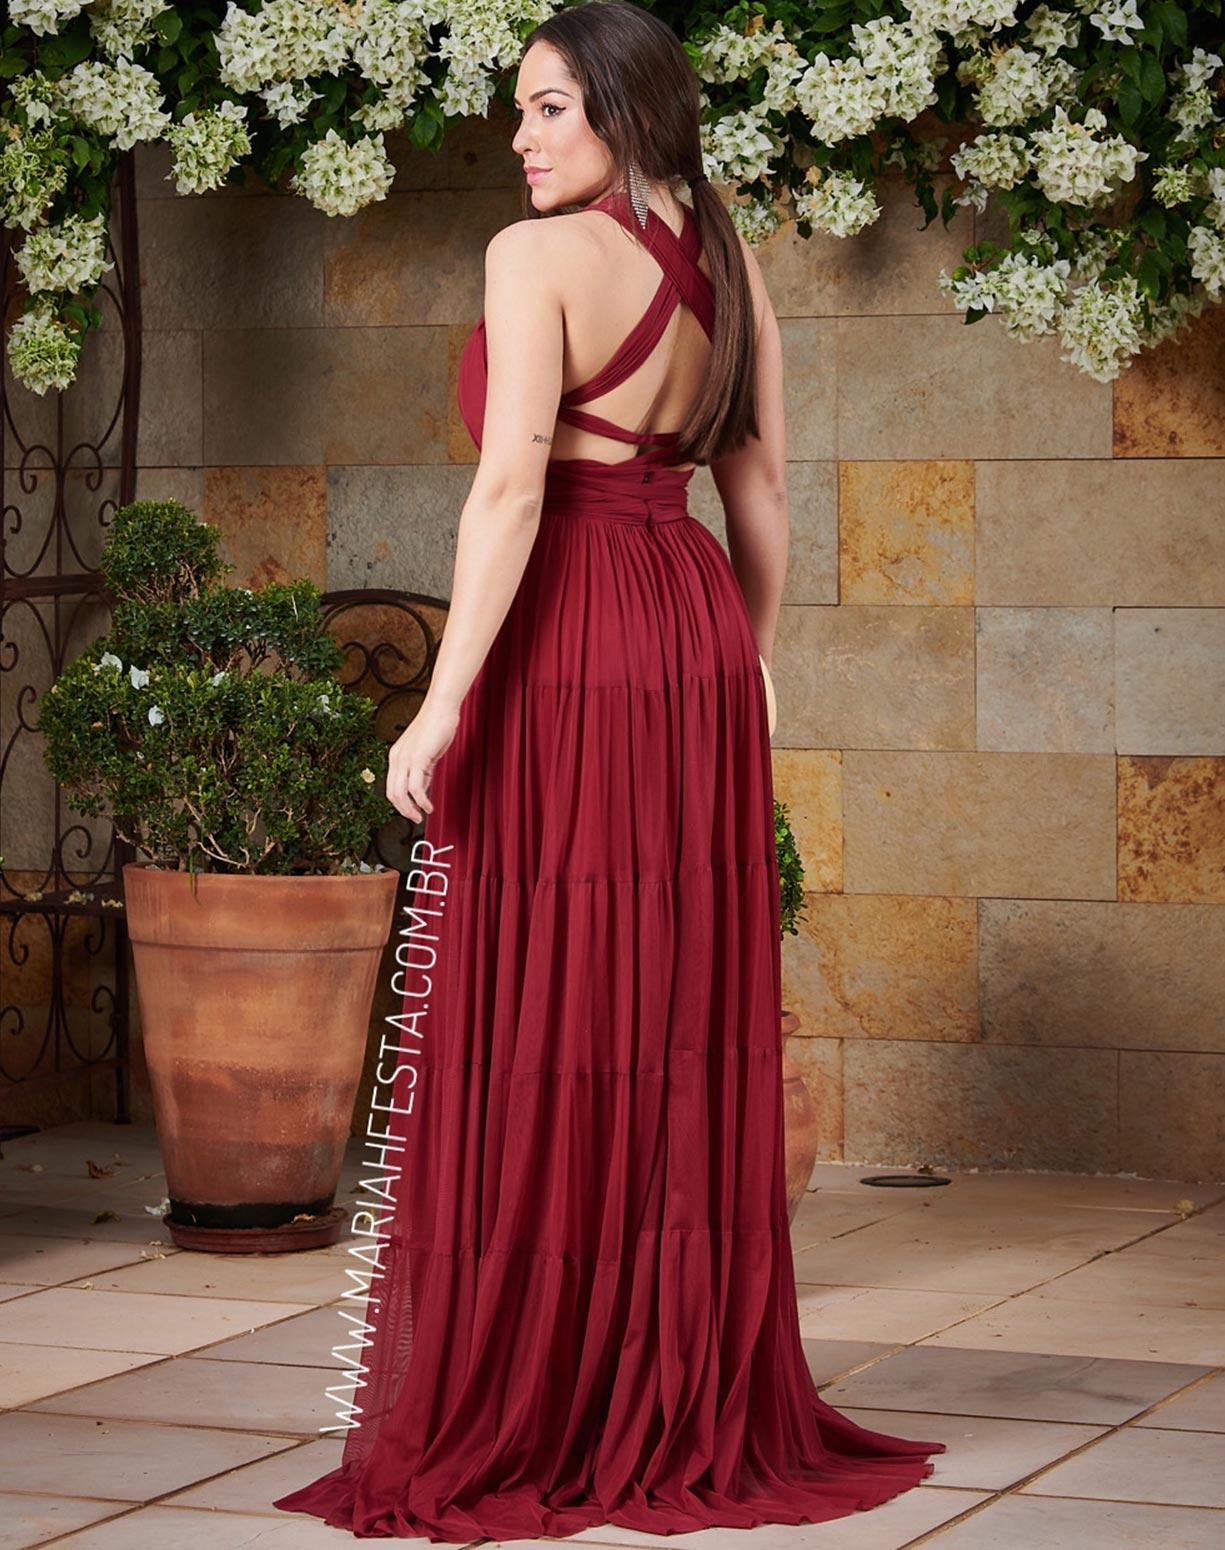 Vestido Marsala em Tule com Alças Transpassadas